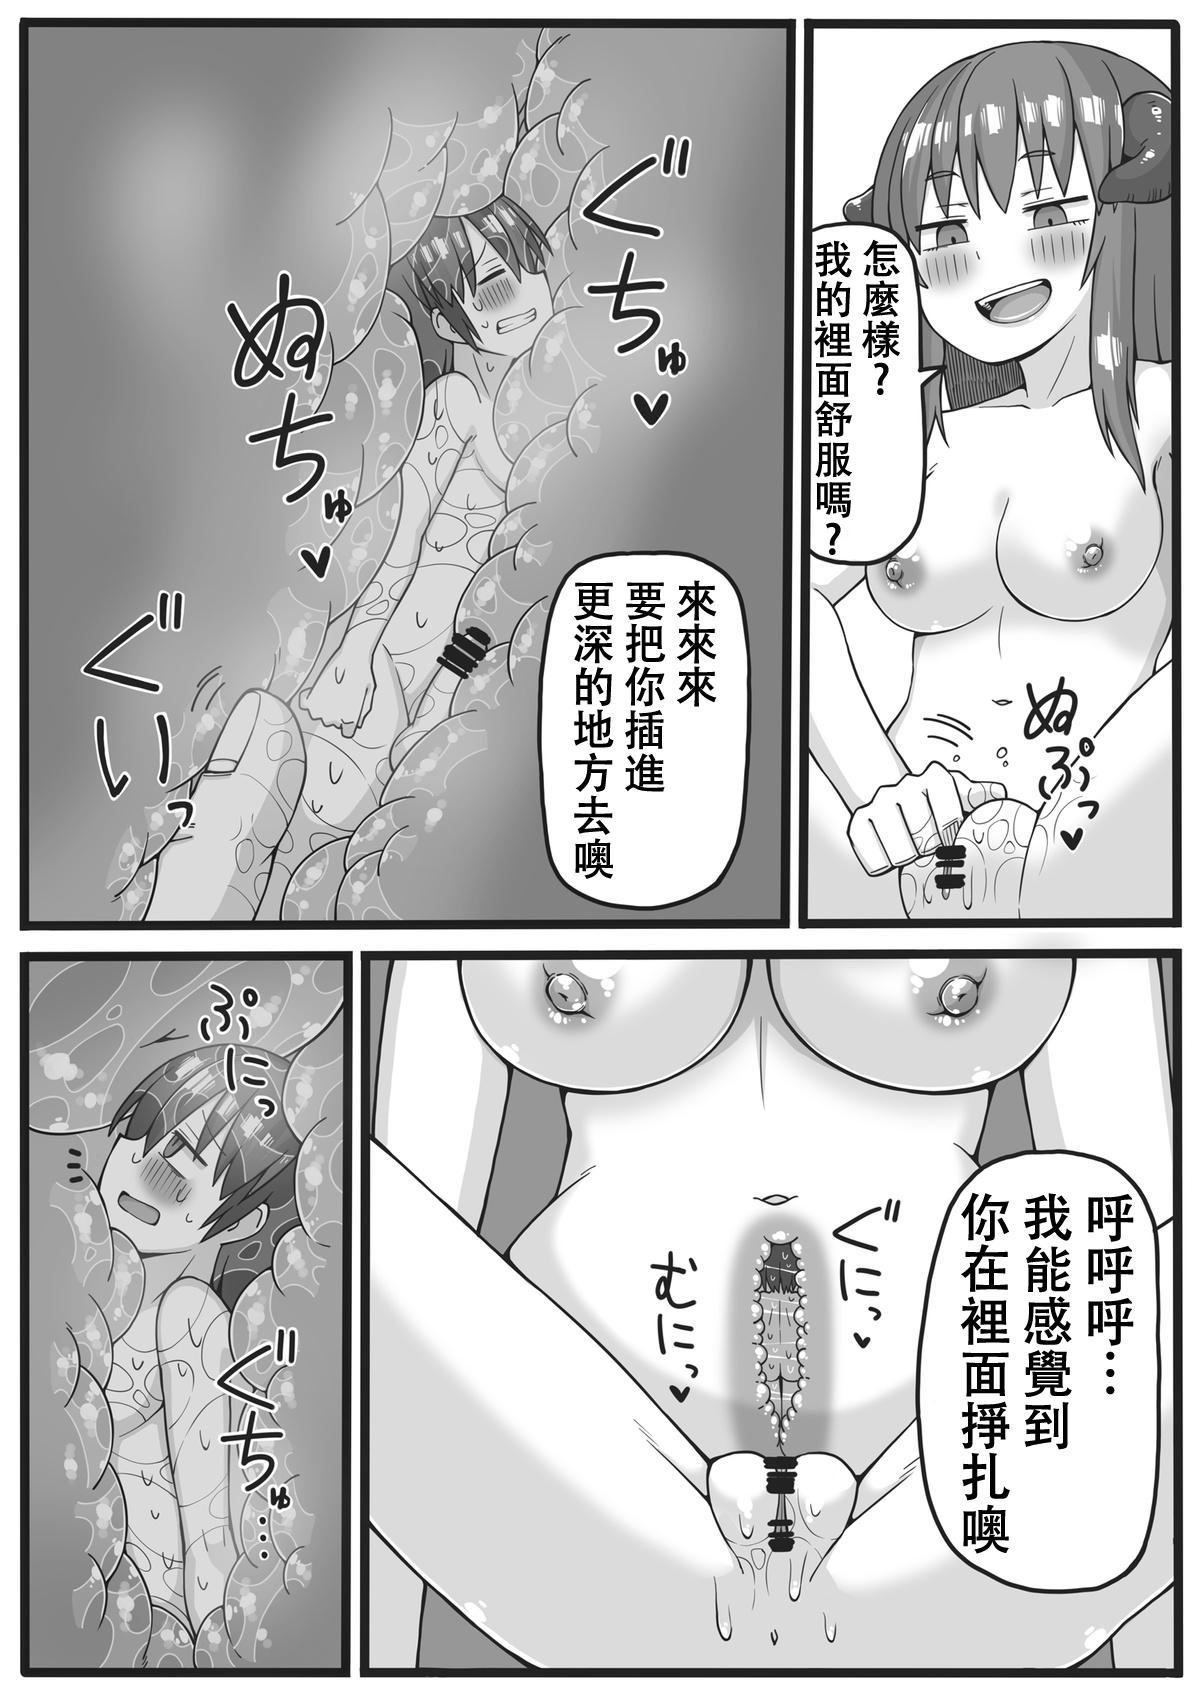 Yuusha ga Chiisaku Ecchi na Koto o Sarete Shimau Manga 19